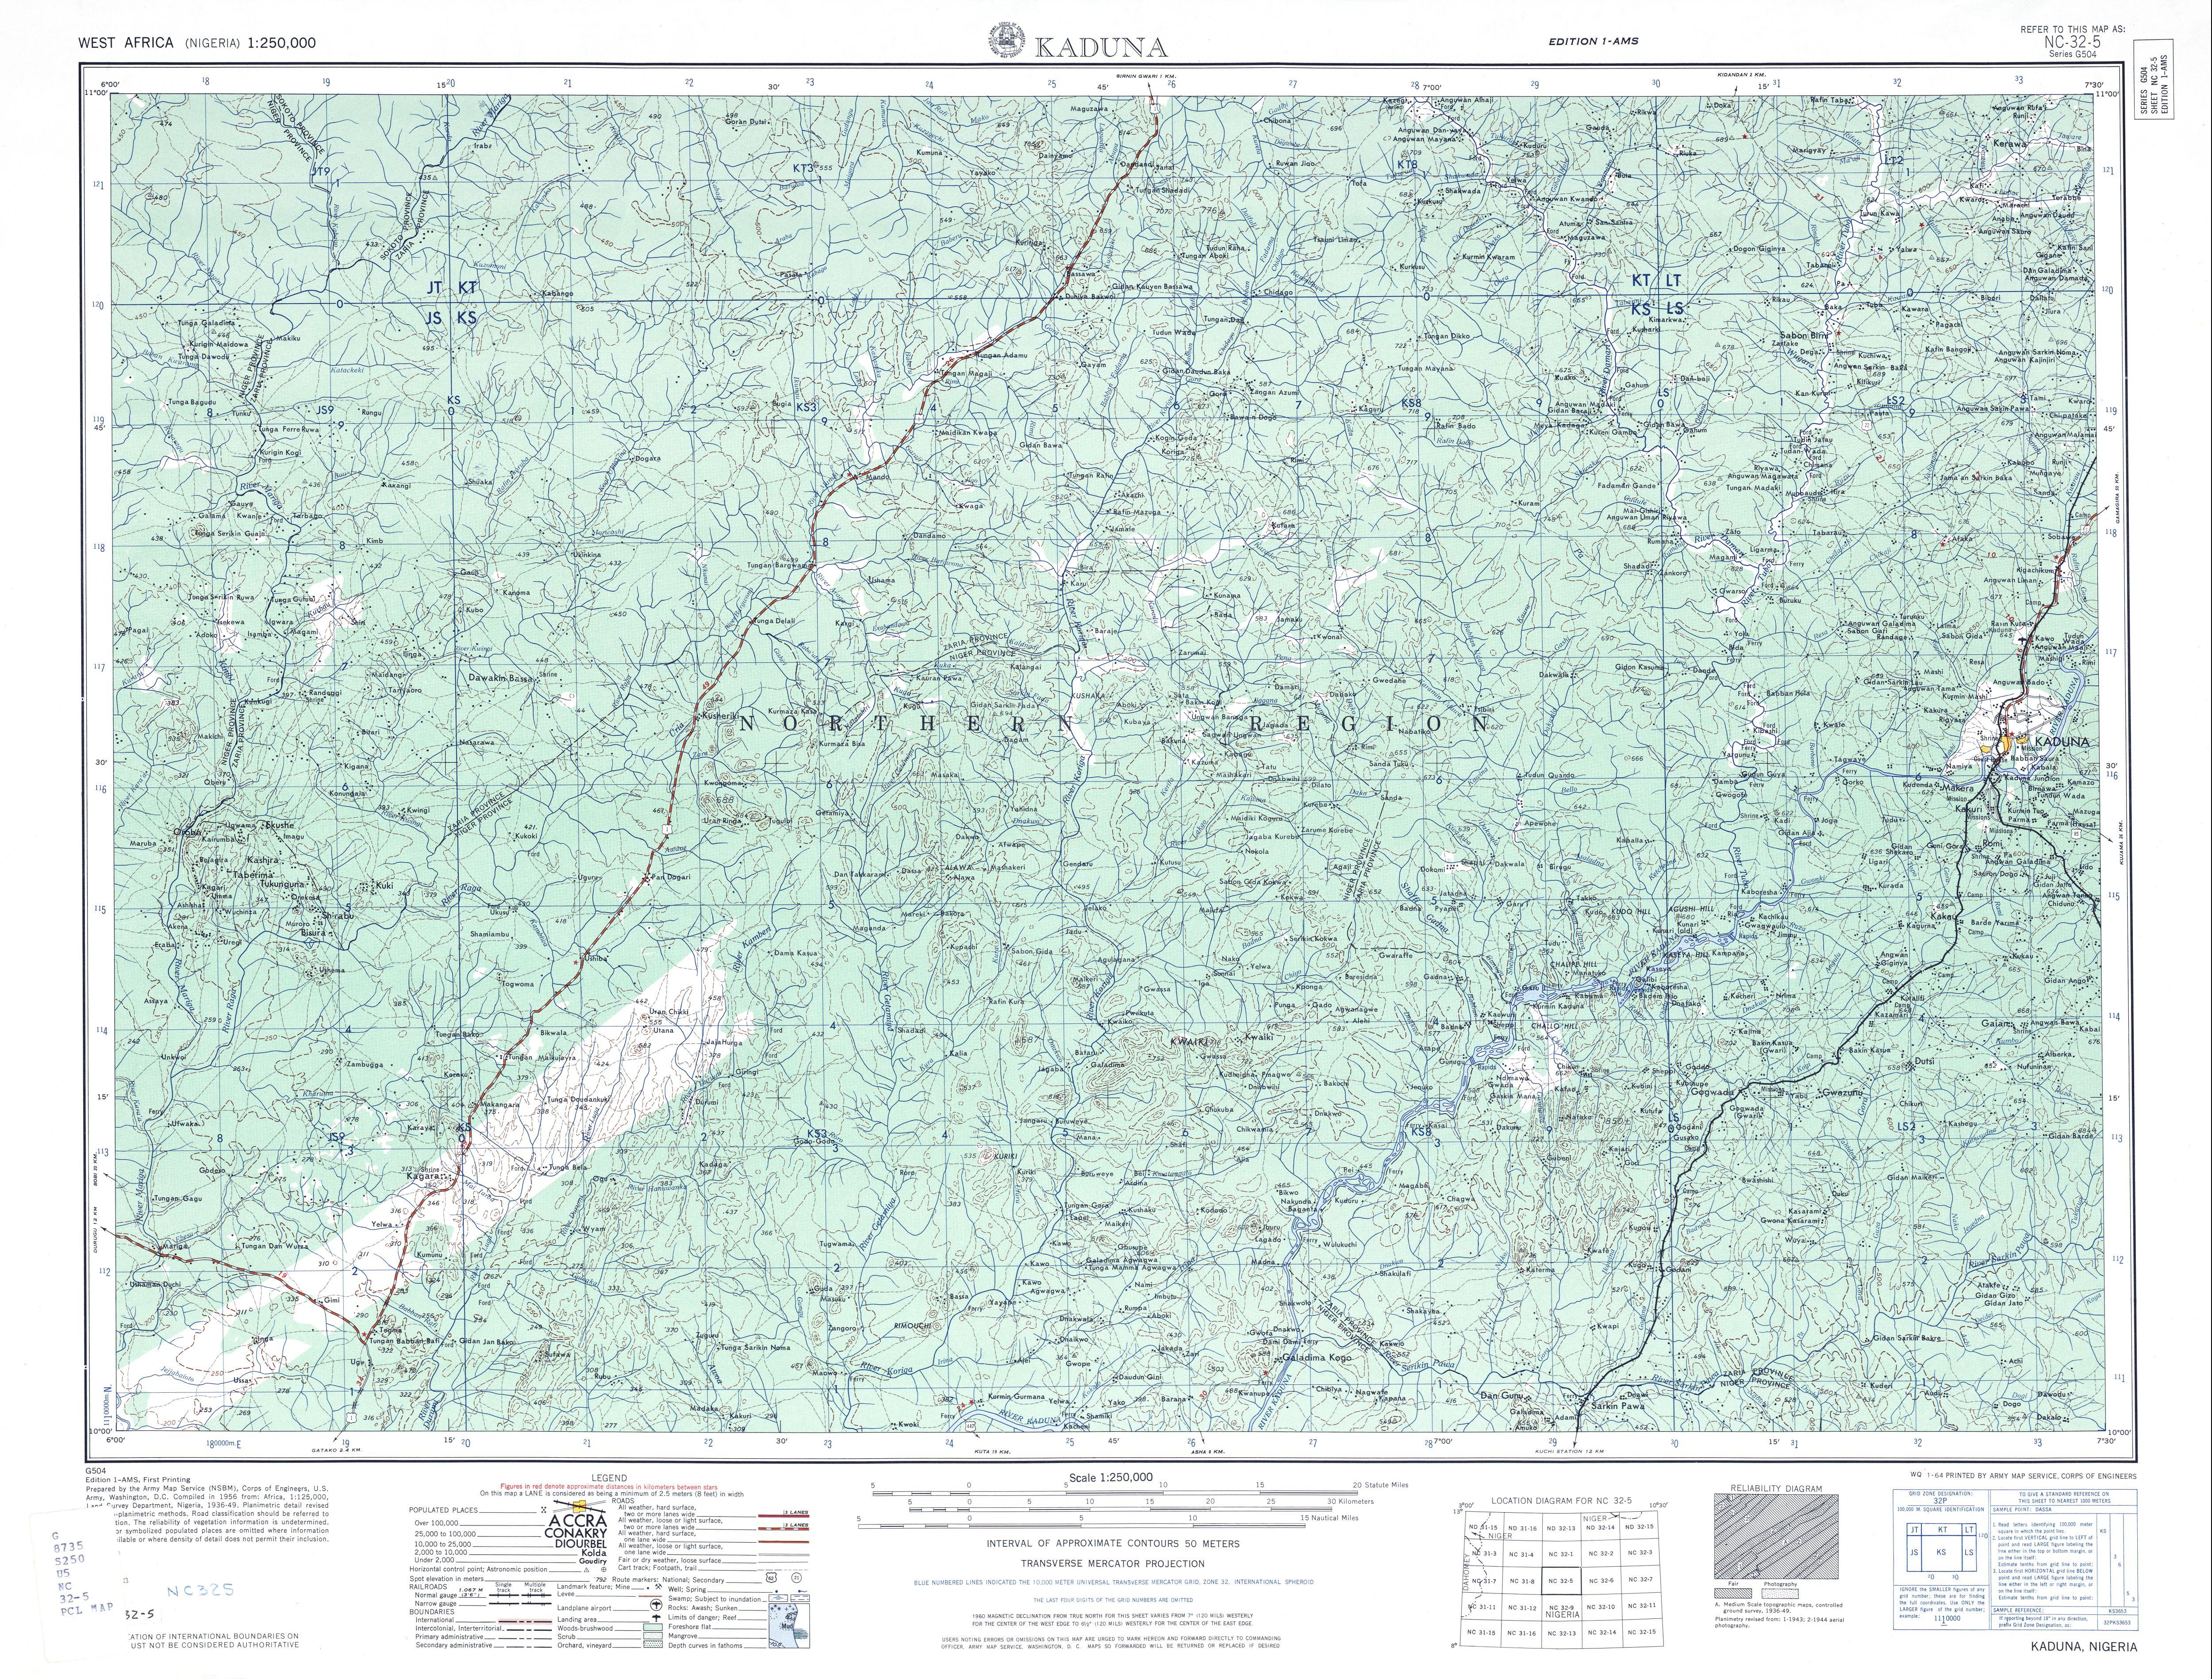 Hoja Kaduna del Mapa Topográfico de África Occidental 1955